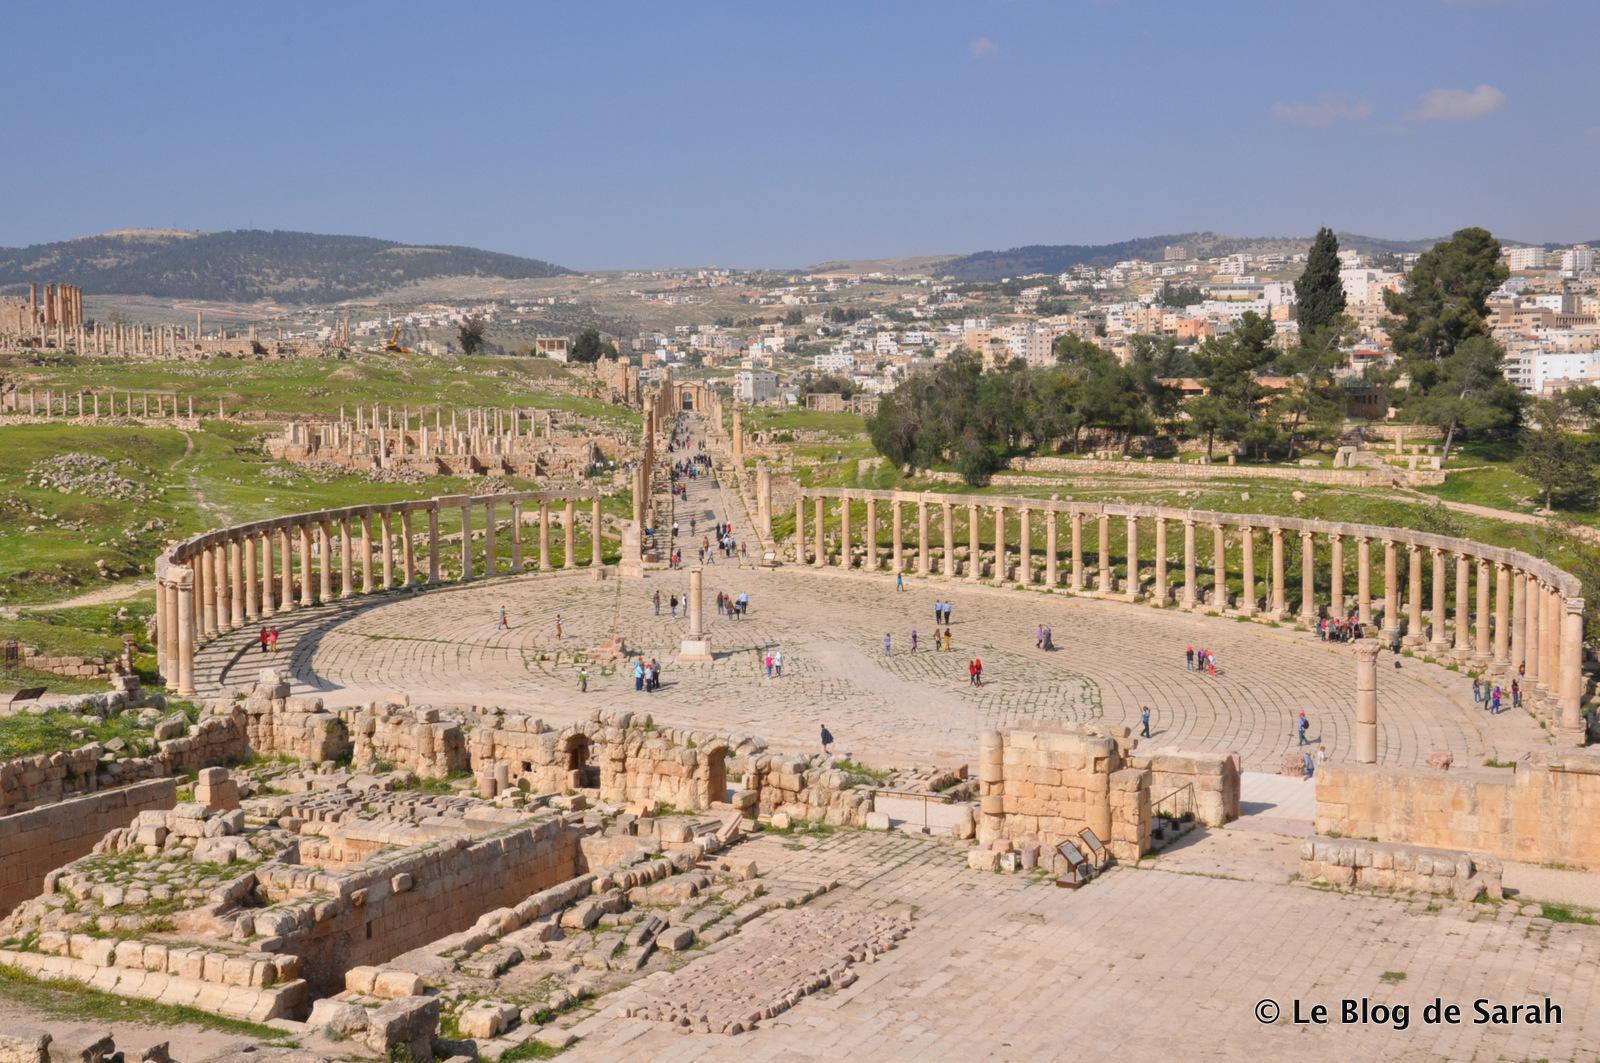 Jerash Forum con su plaza ovalada rodeada de columnas